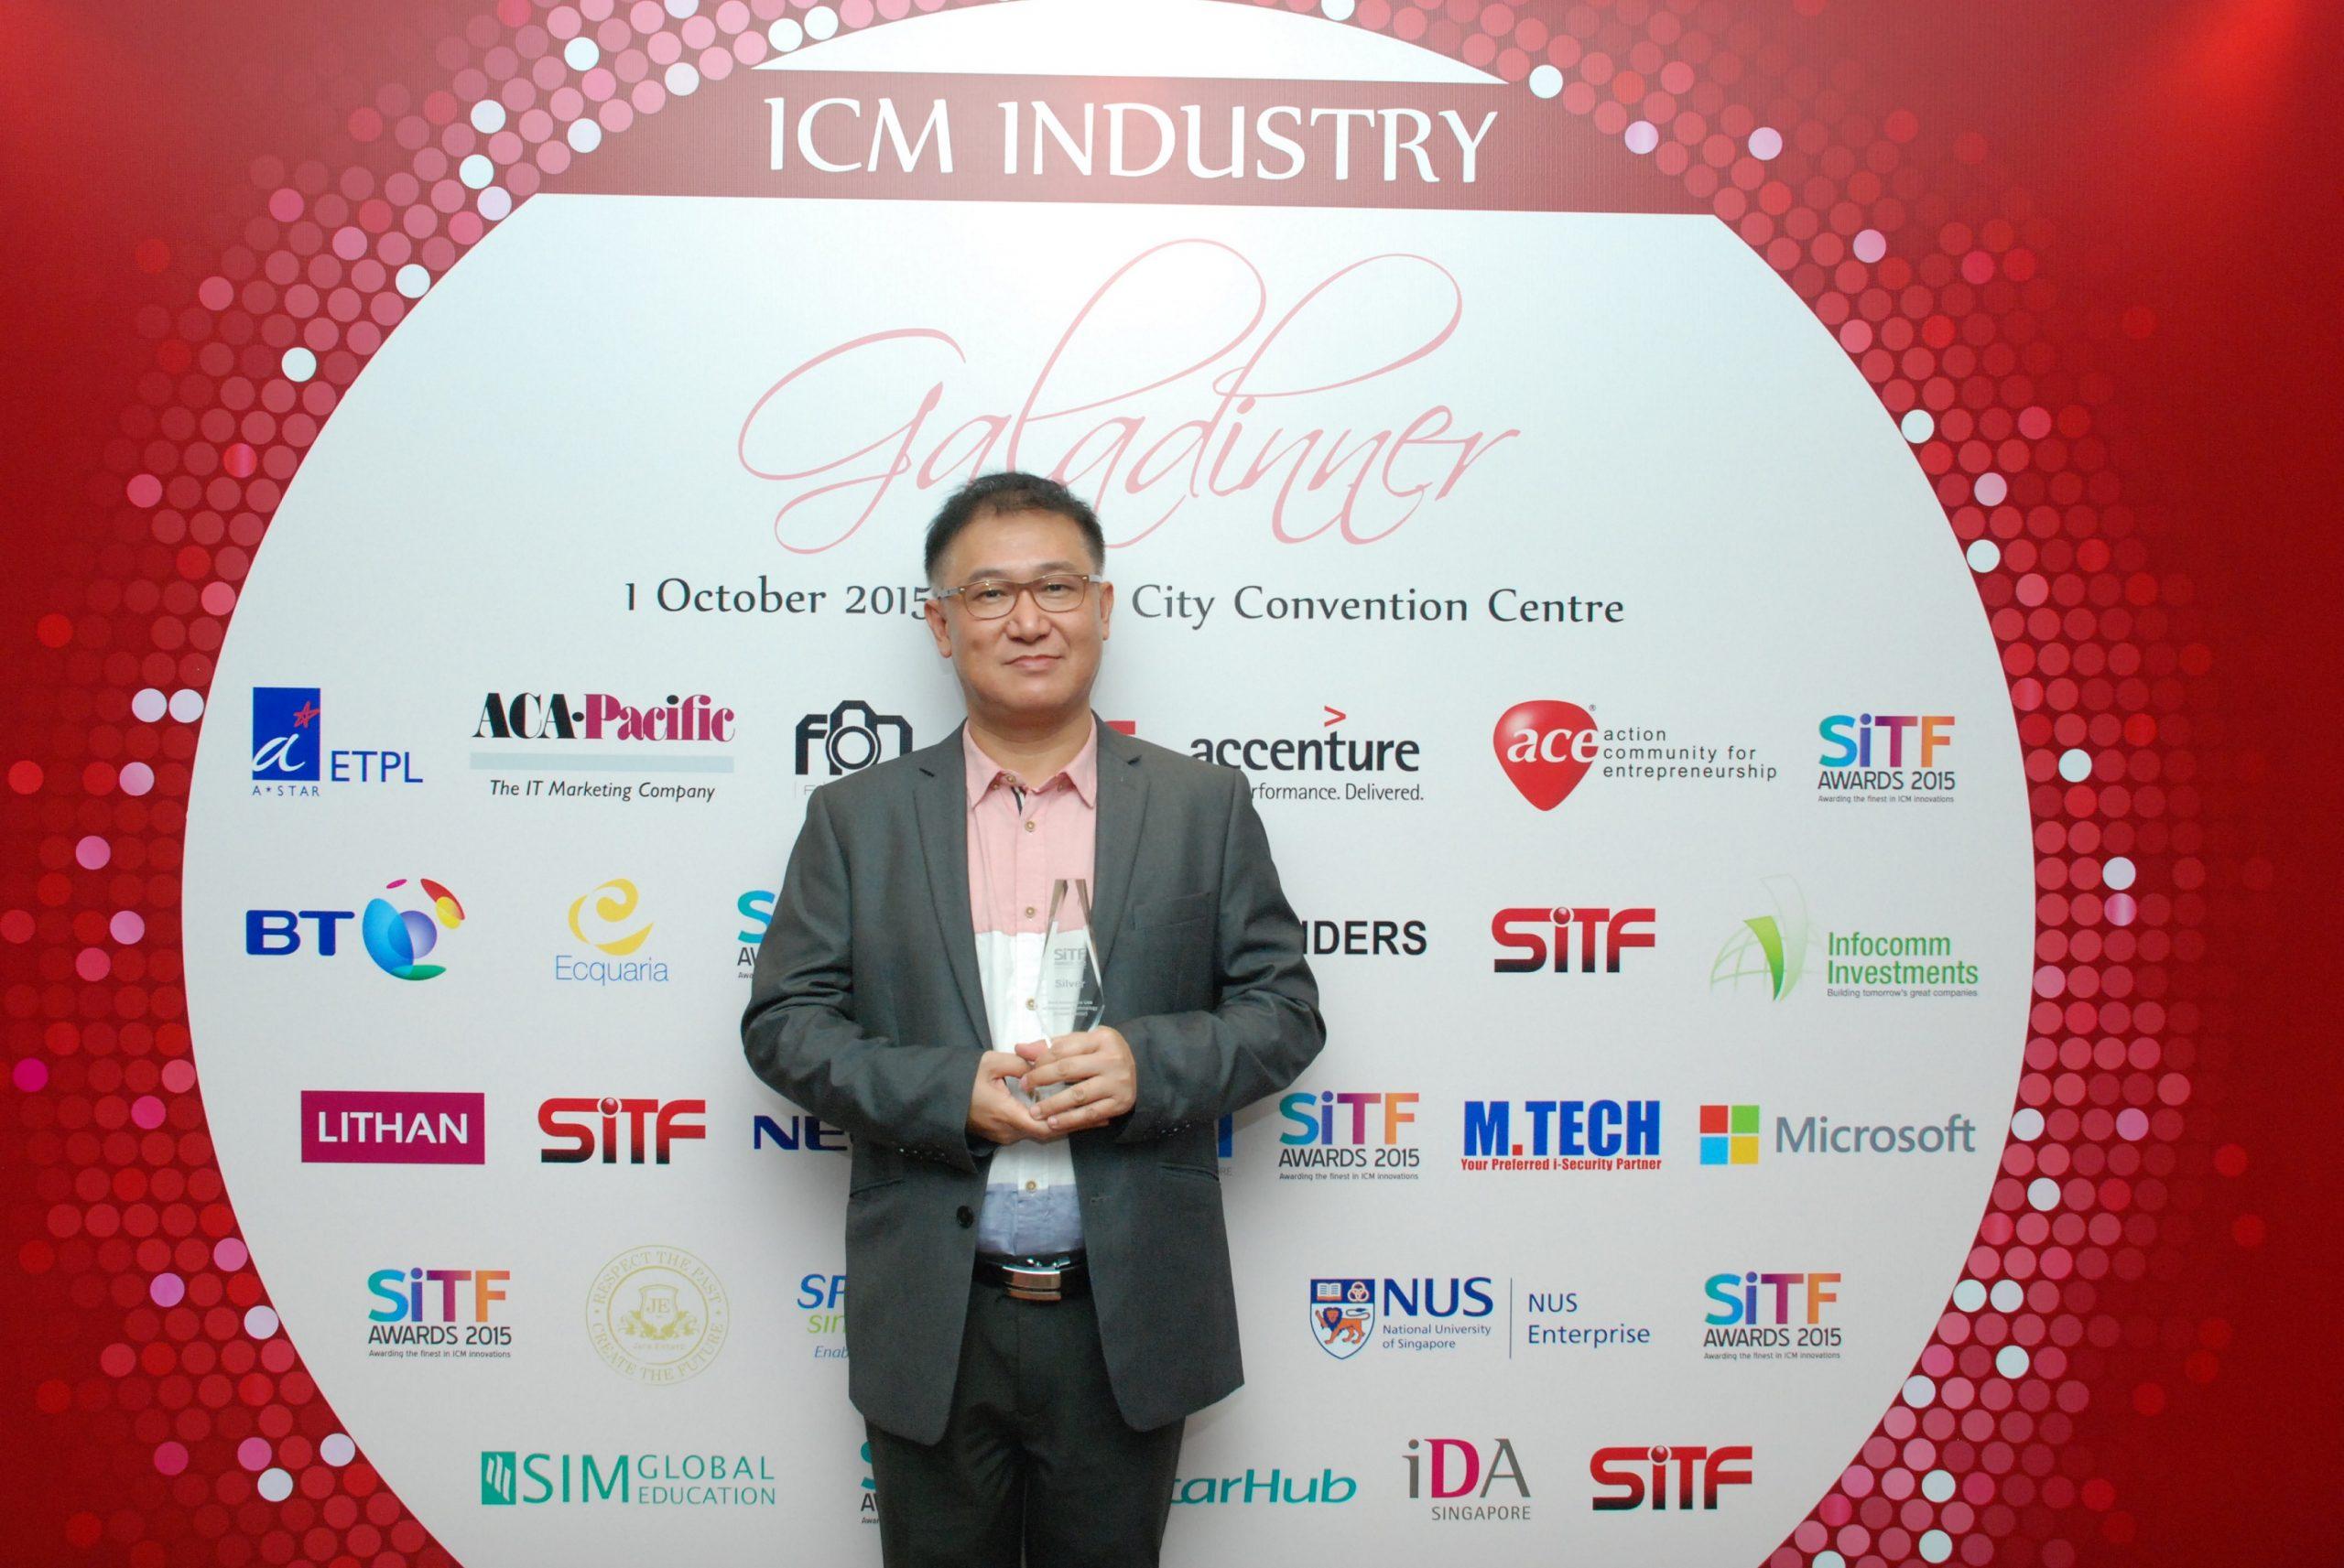 SiTF Awards 2015 Best Innovative Use of Infocmm Technology